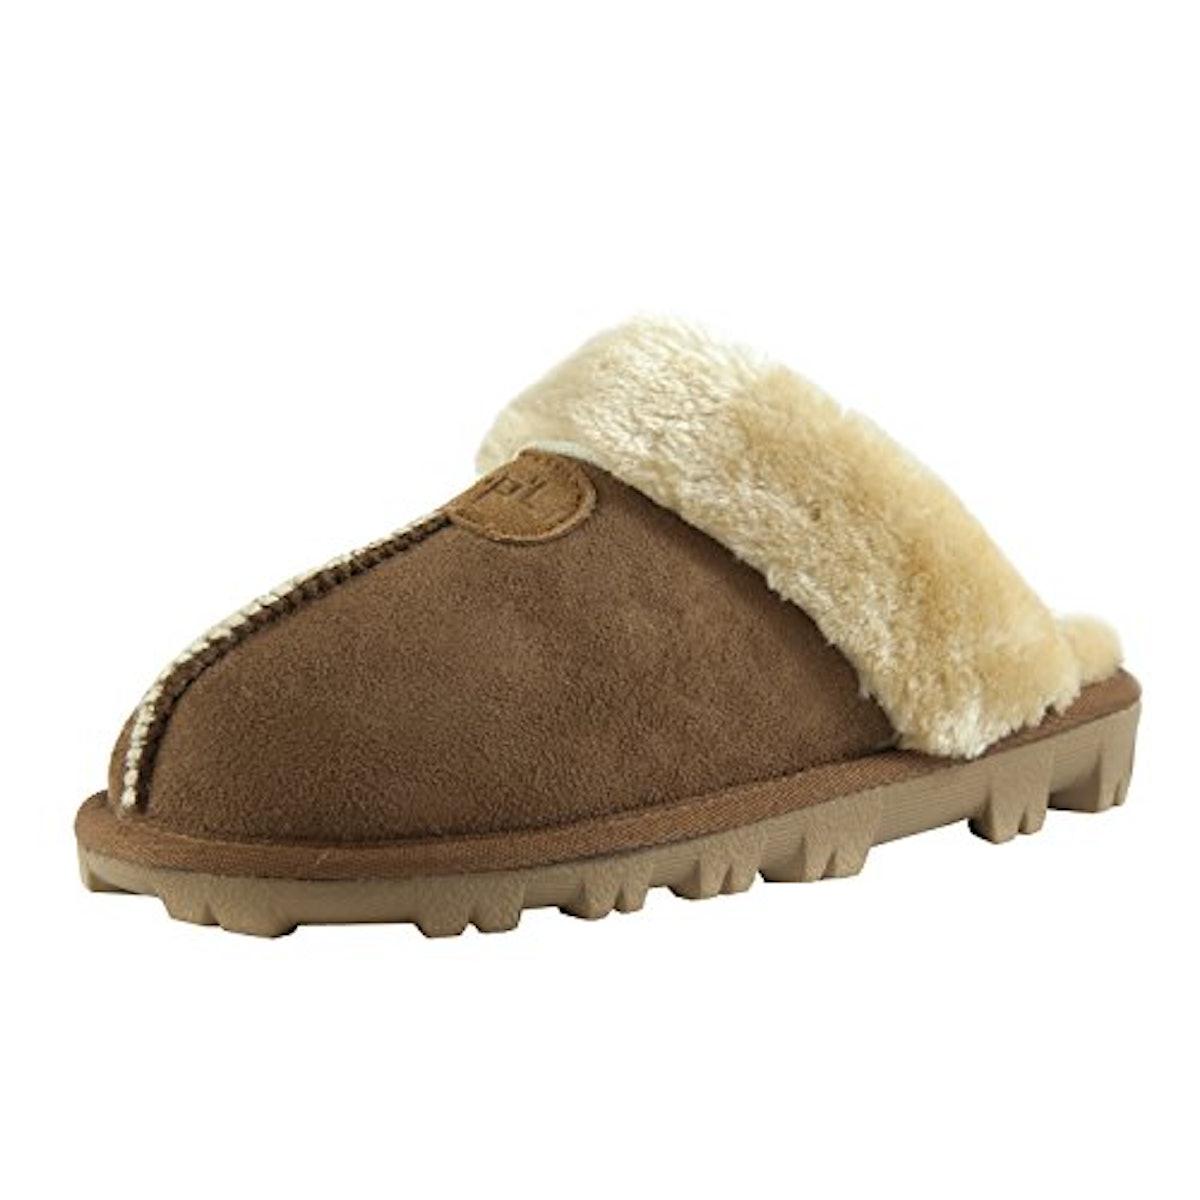 CLPP'LI Faux Fur Slippers